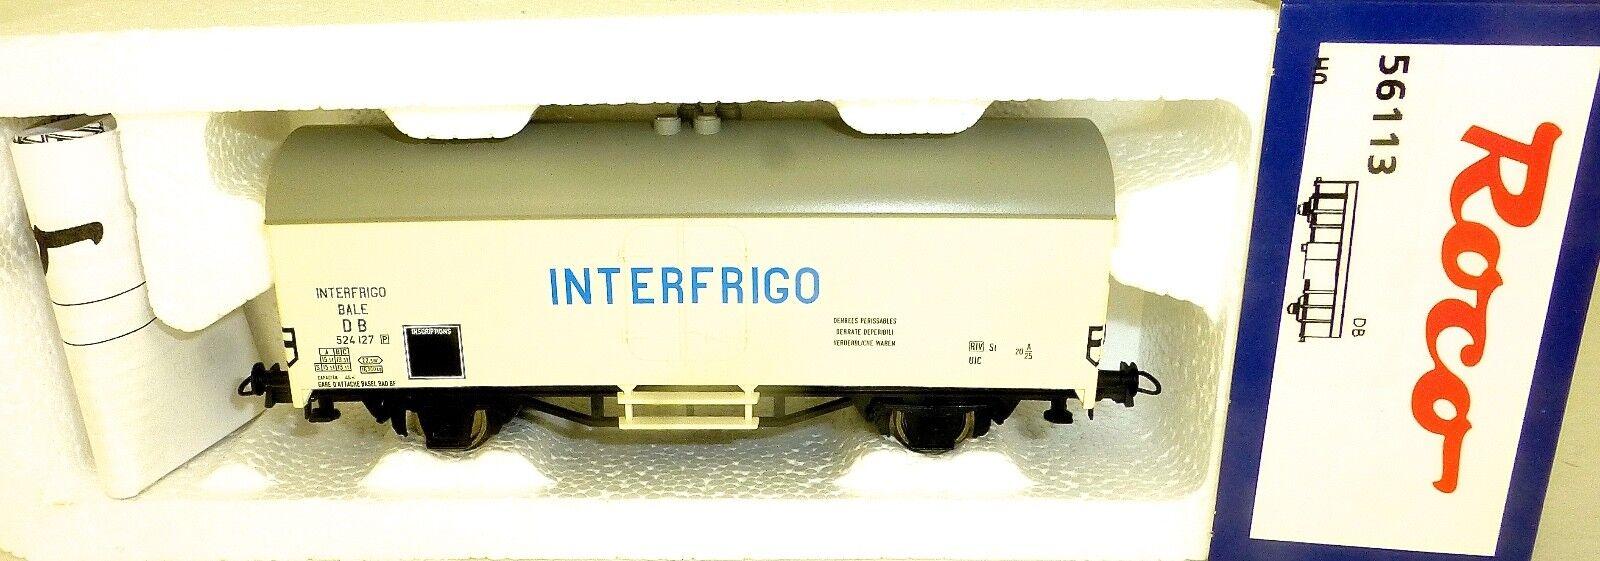 INTERFRIGO BALE DB kkk NEM ROCO 56113 H0 conf. orig. 1 87 LD1 µ